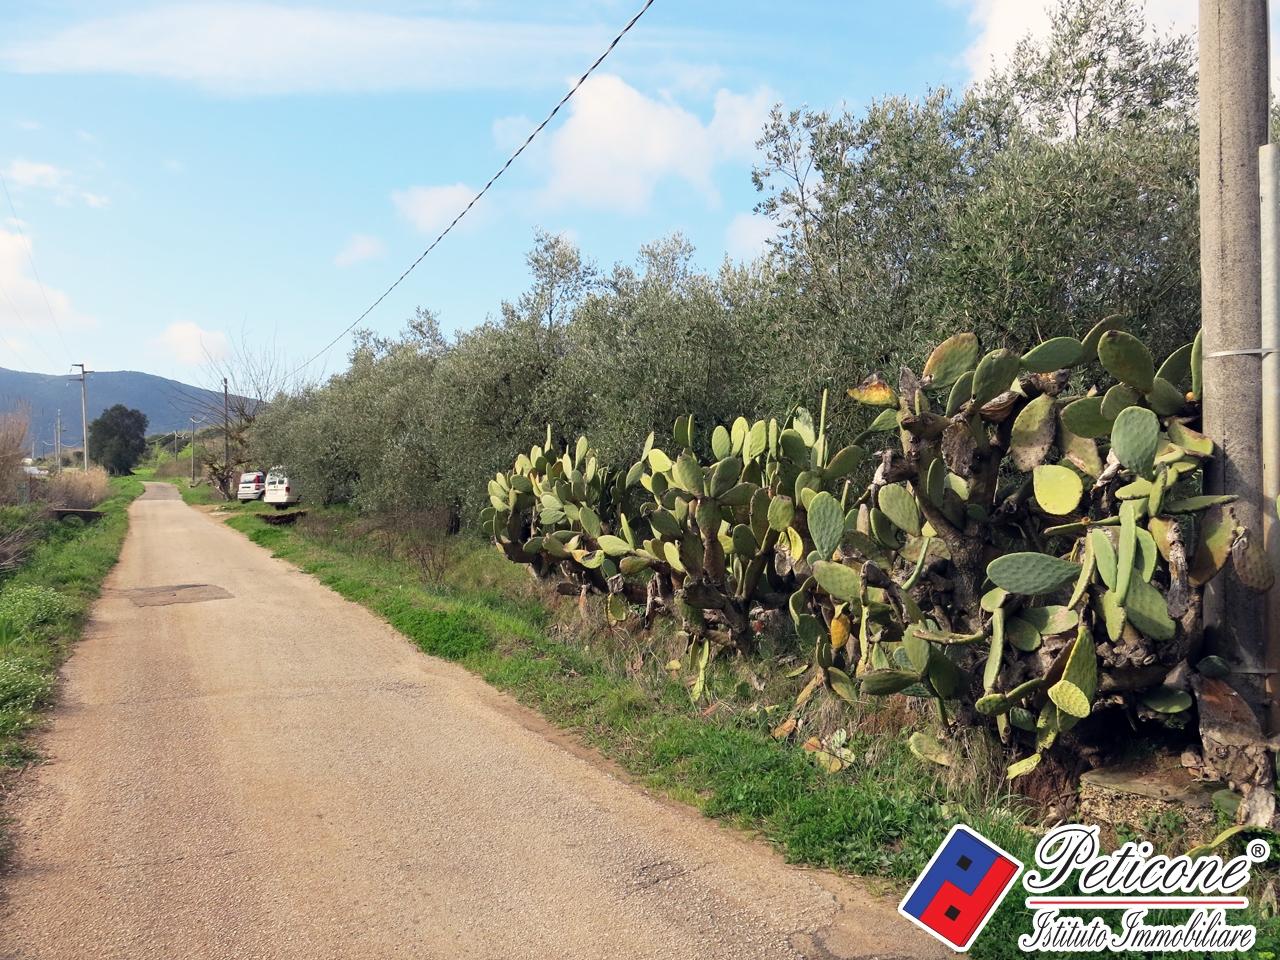 Terreno Agricolo in vendita a Fondi, 9999 locali, zona Località: Semicentro, prezzo € 60.000 | CambioCasa.it